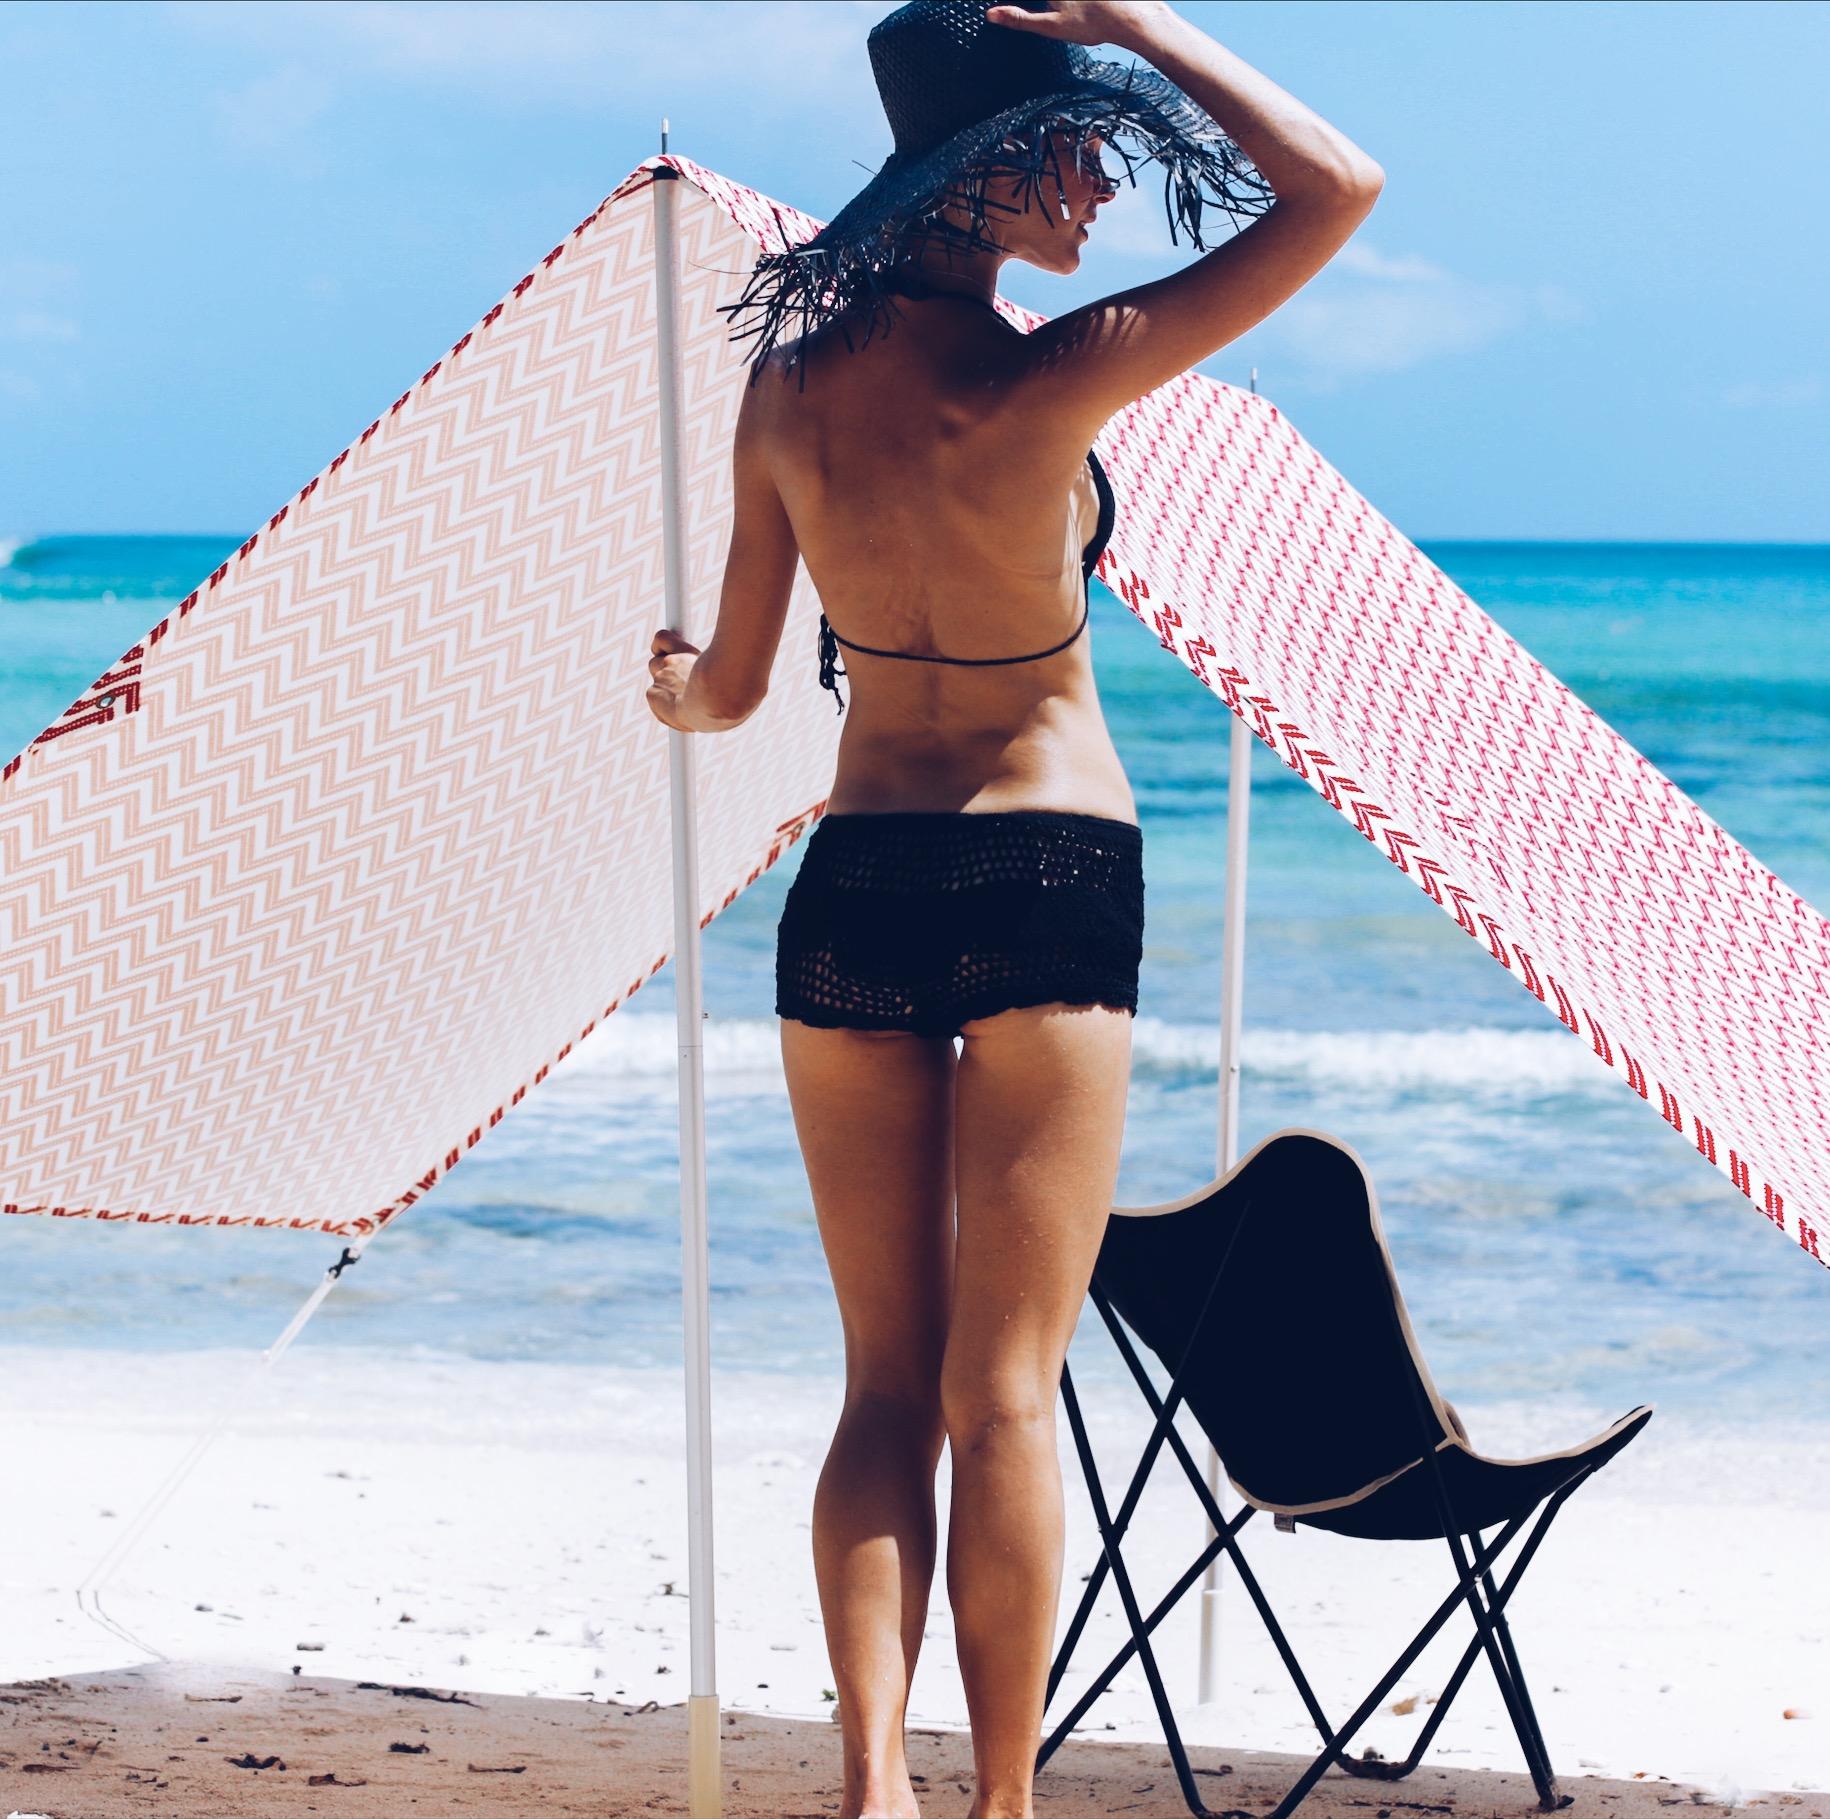 Summer beach trends